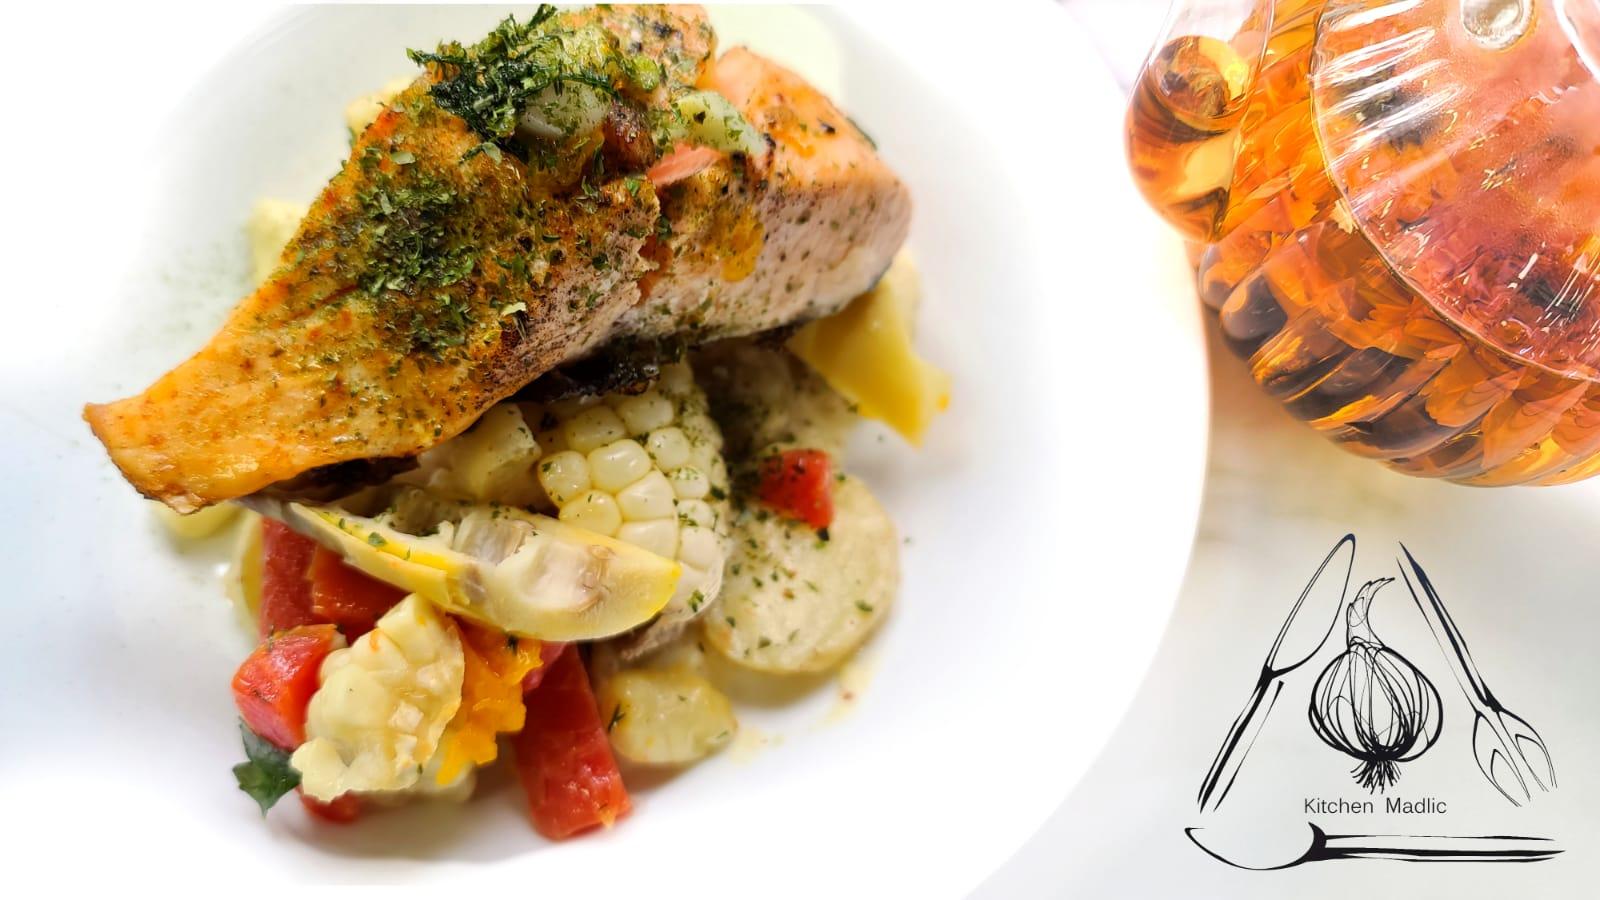 牛油刁草煎焗三文魚扒配春筍薯菜。(Kitchen Madlic提供)